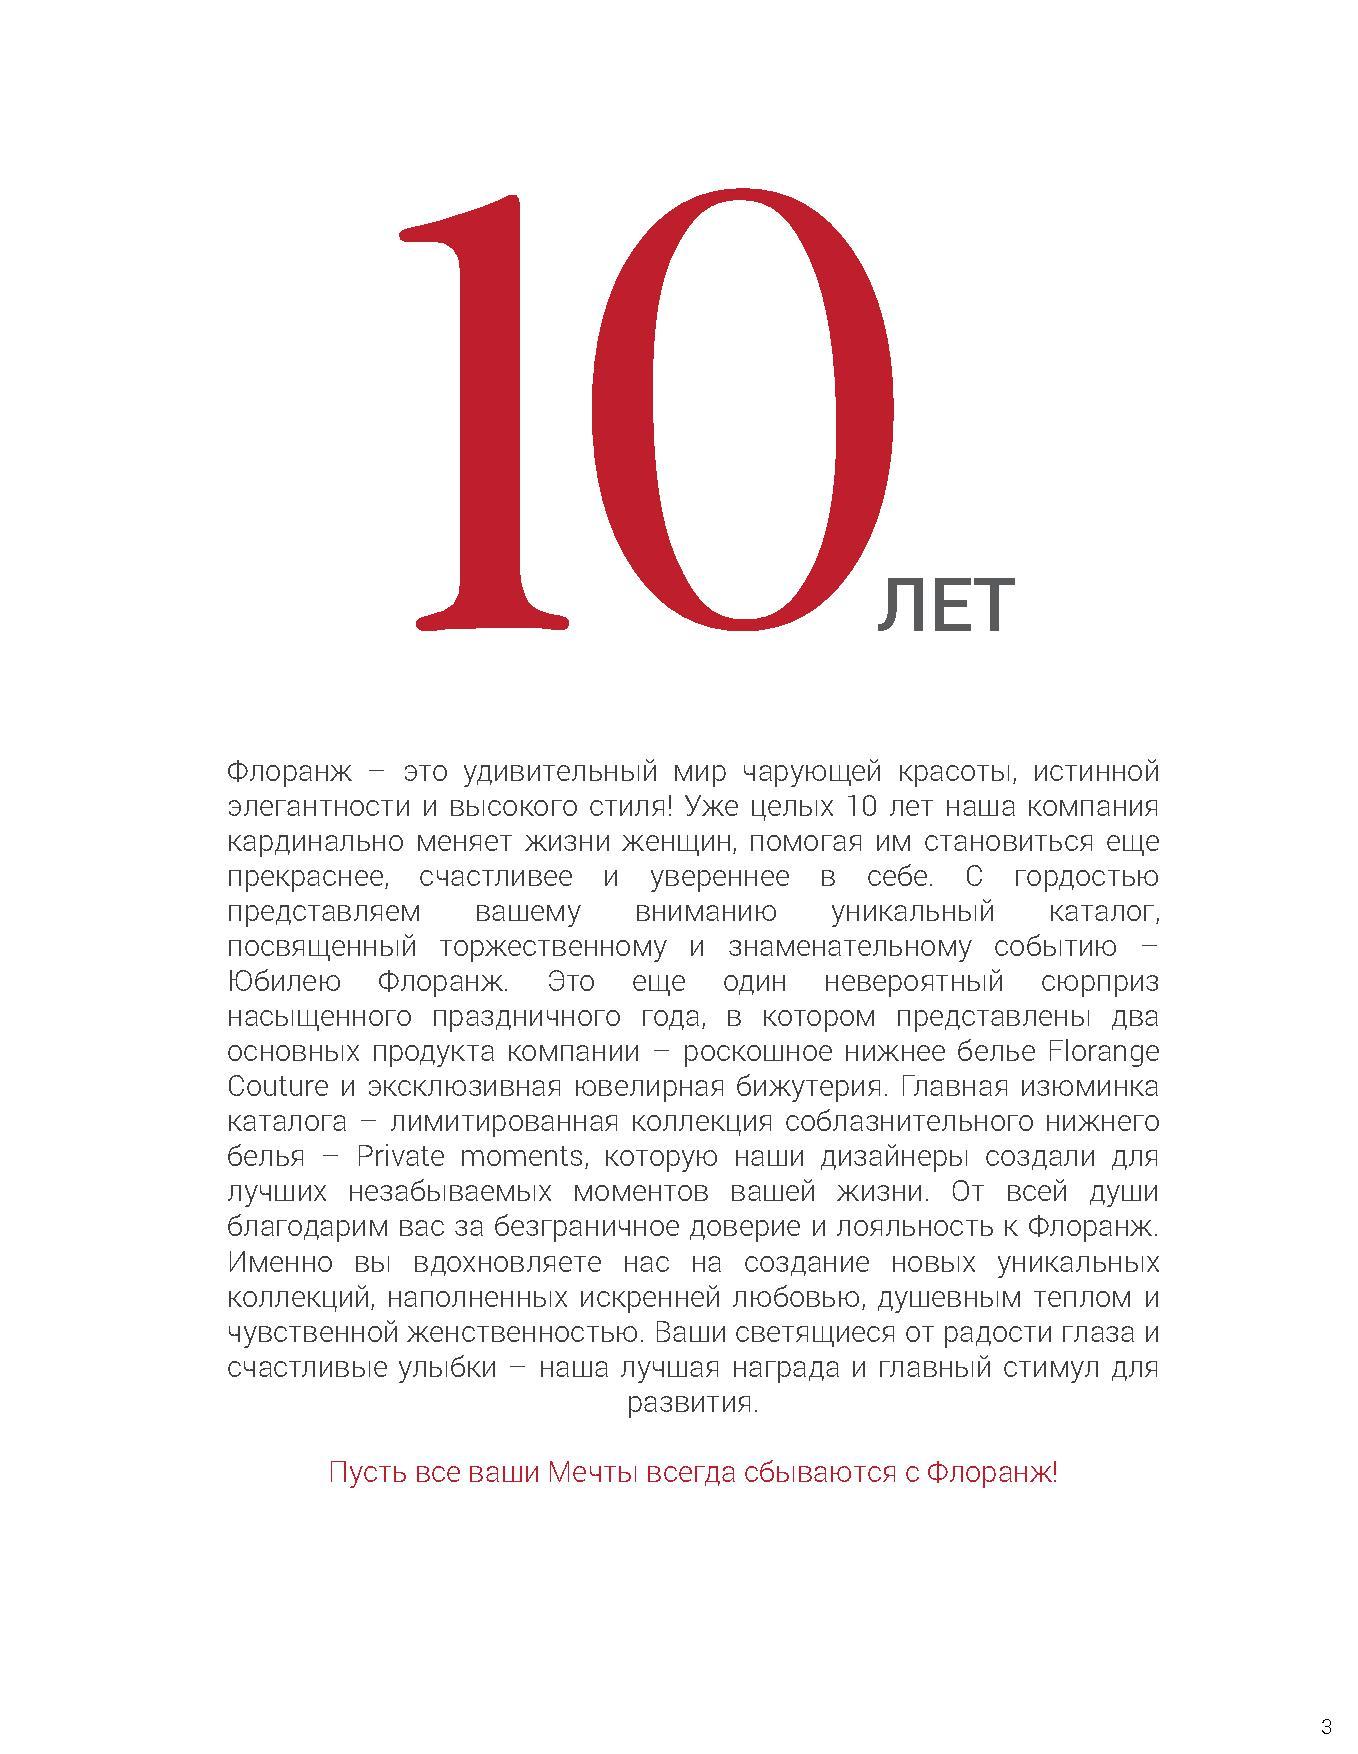 Юбилейный каталог Флоранж - 10 лет